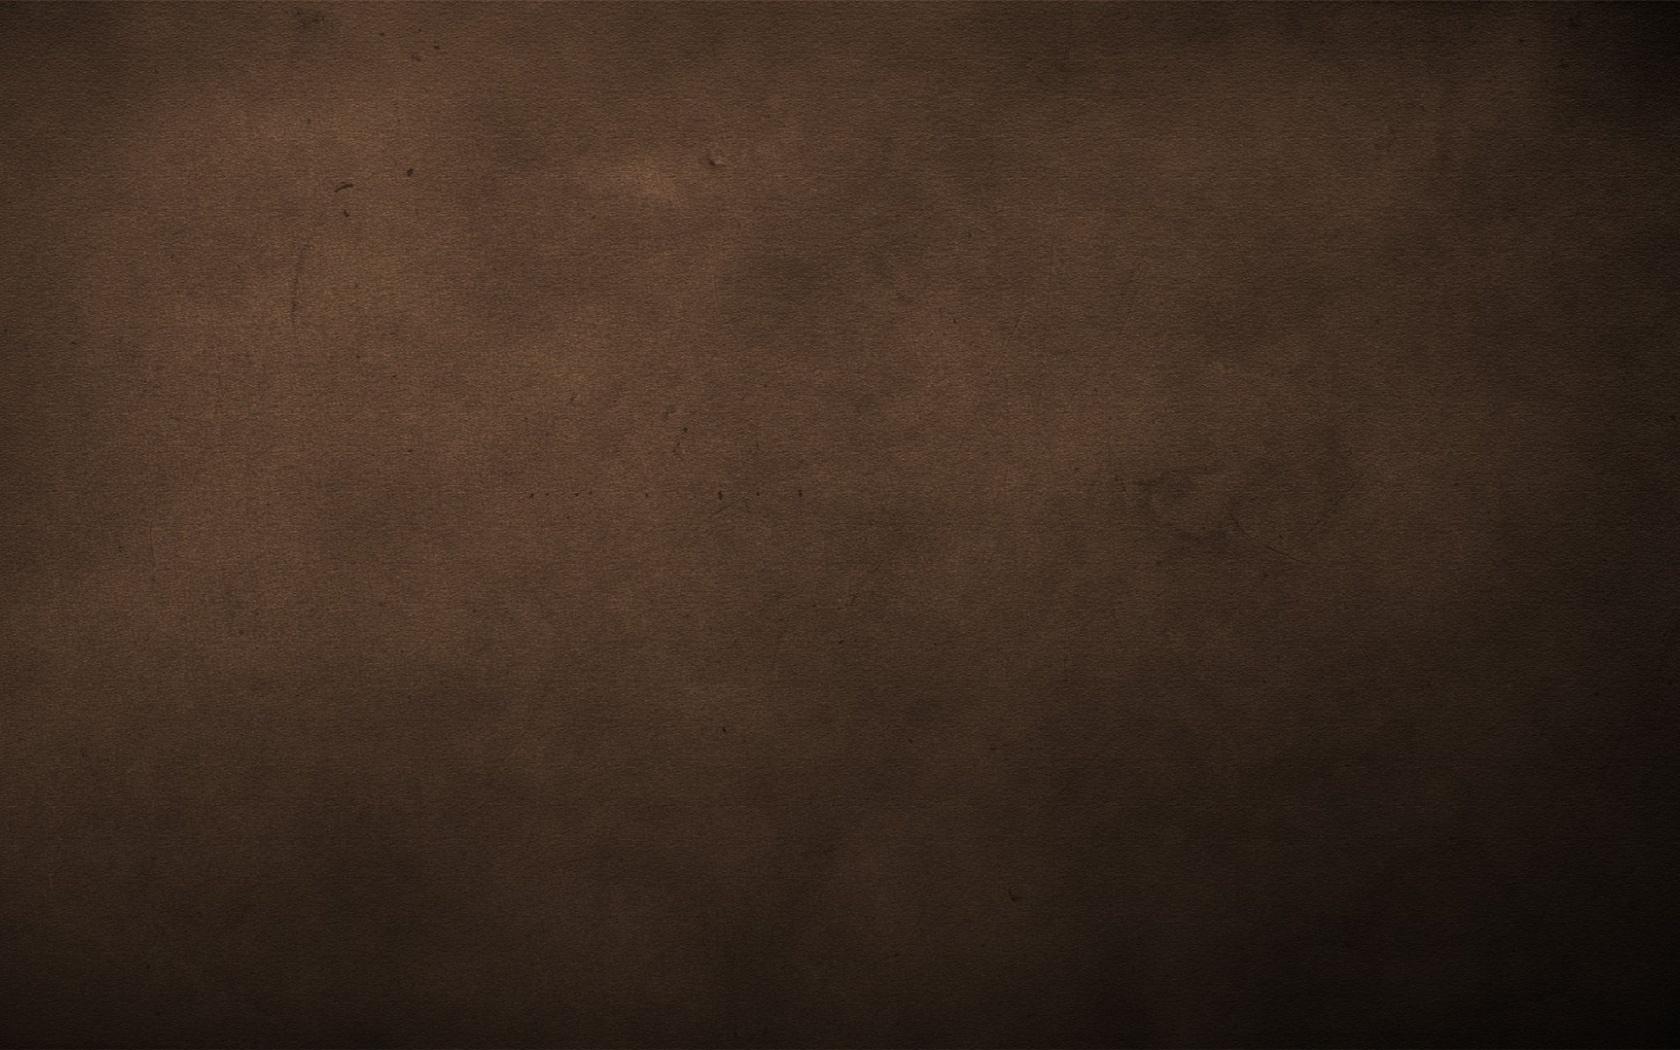 brown wallpaper 14855 1680x1050 px